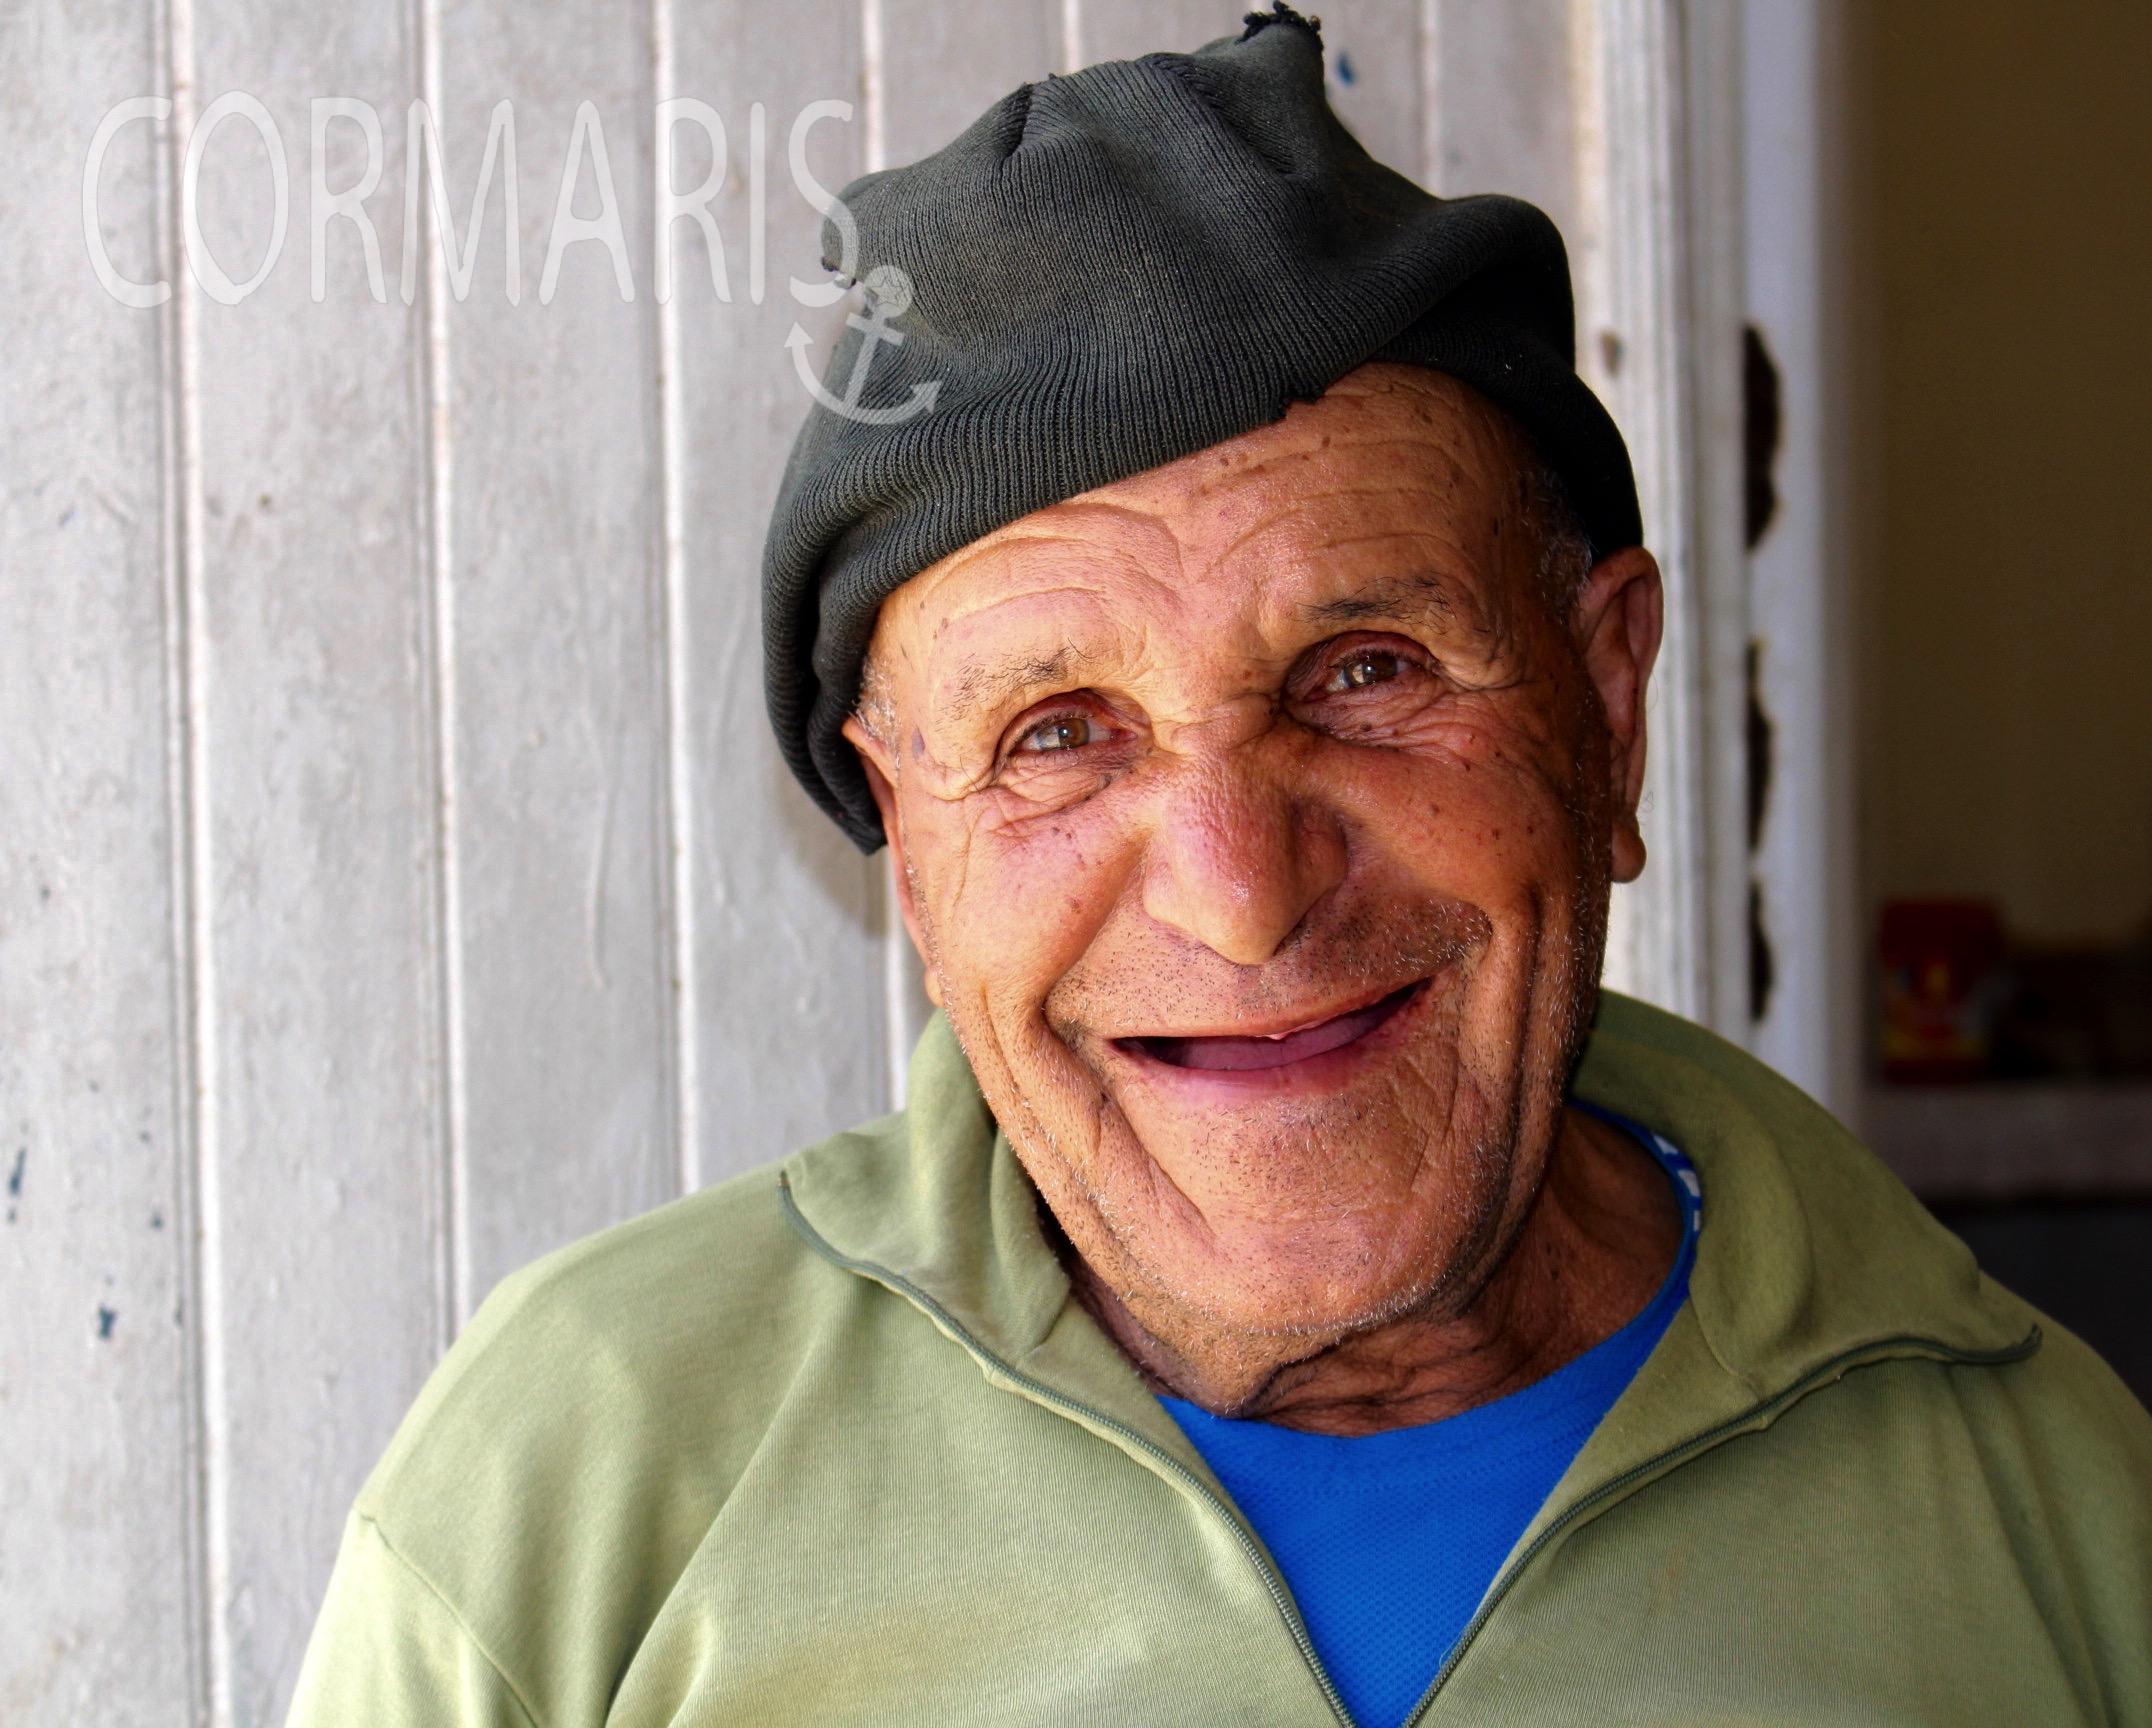 Dieser zahnlose Herr besticht nicht nur durch Gastfreundschaft, sondern auch durch seine so ehrlich lachenden Augen. Foto: cku